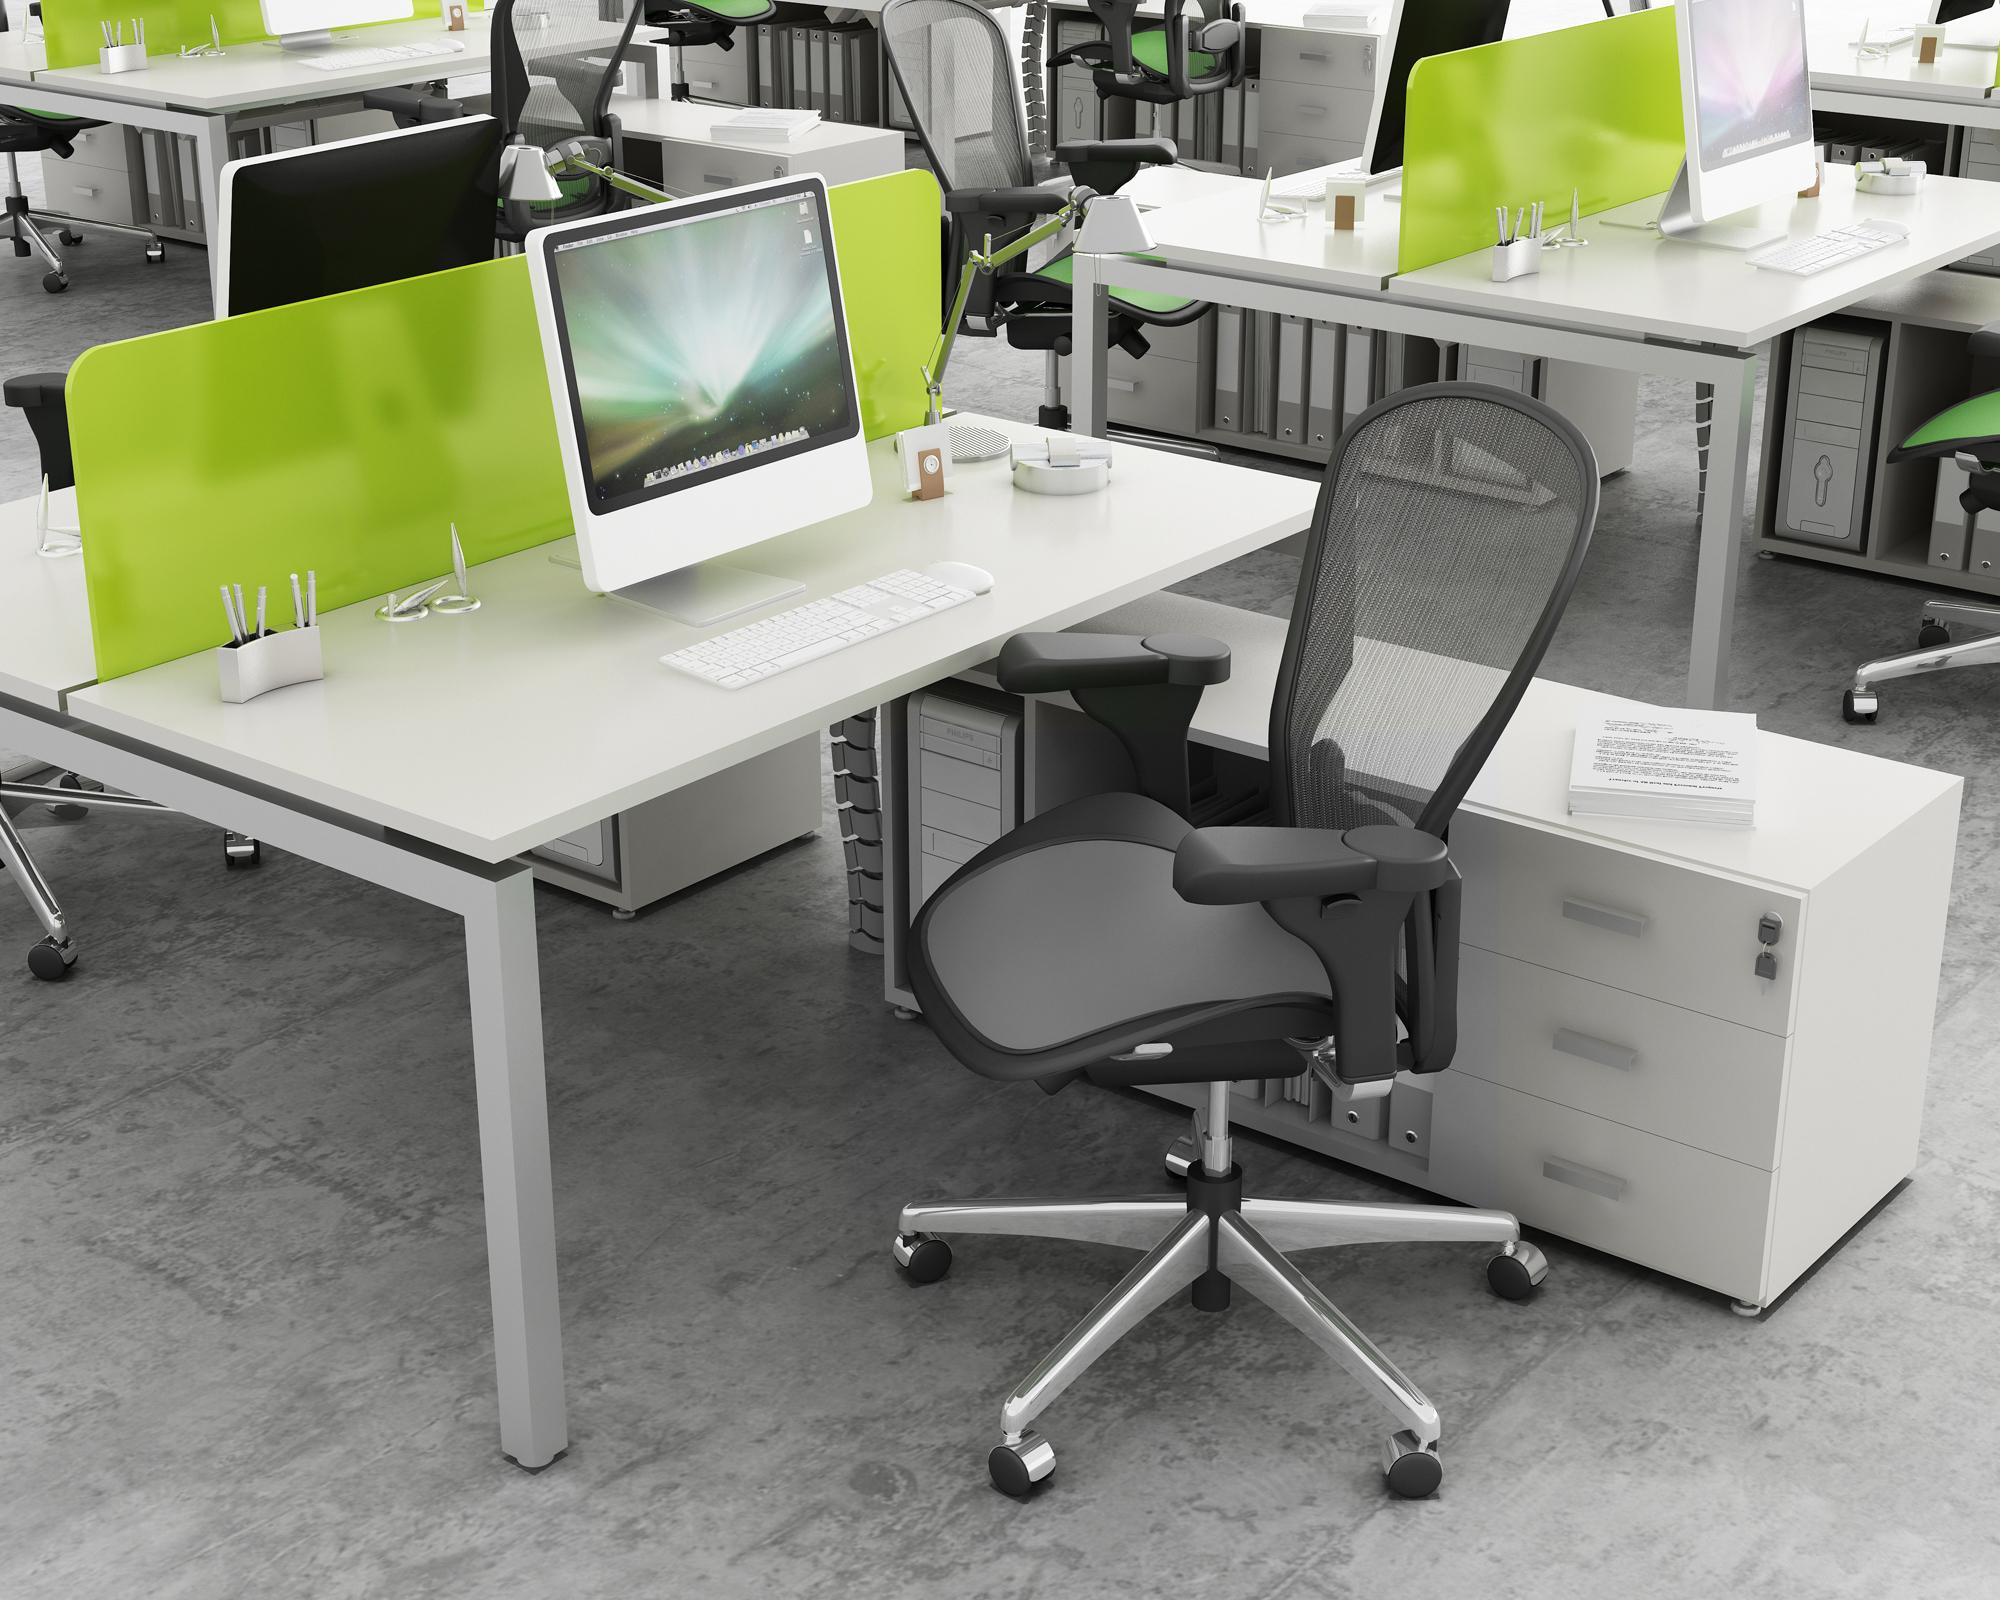 Puestos operativos cube caporaso for Muebles de trabajo